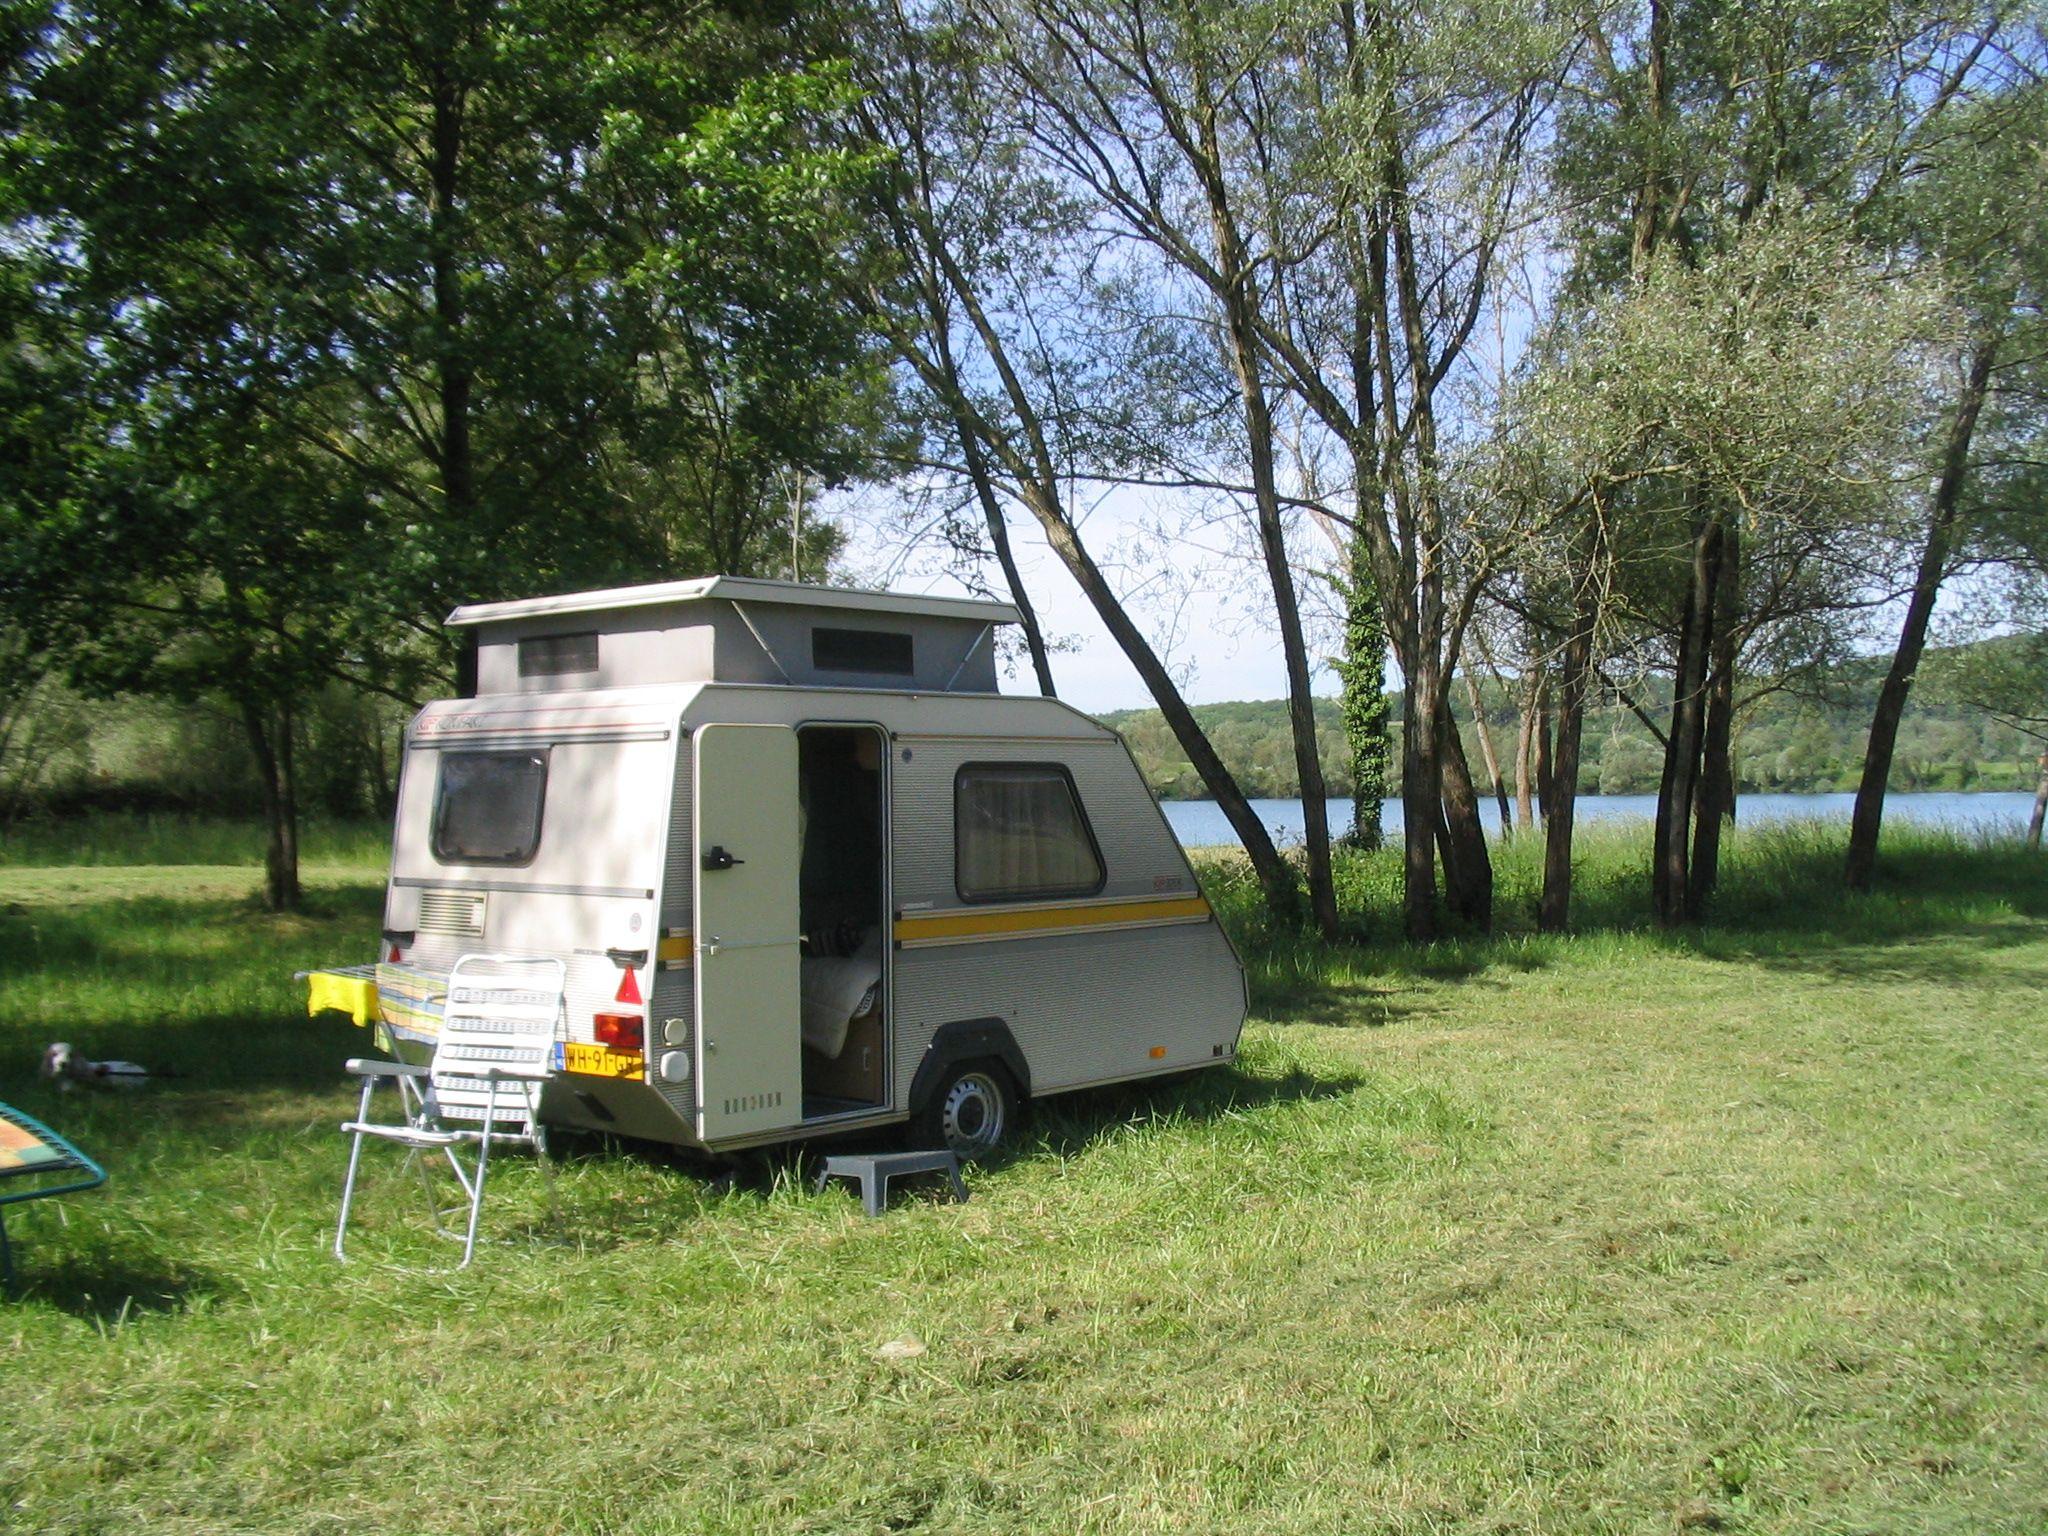 kip caravan 32k kamperen in 2018 pinterest. Black Bedroom Furniture Sets. Home Design Ideas